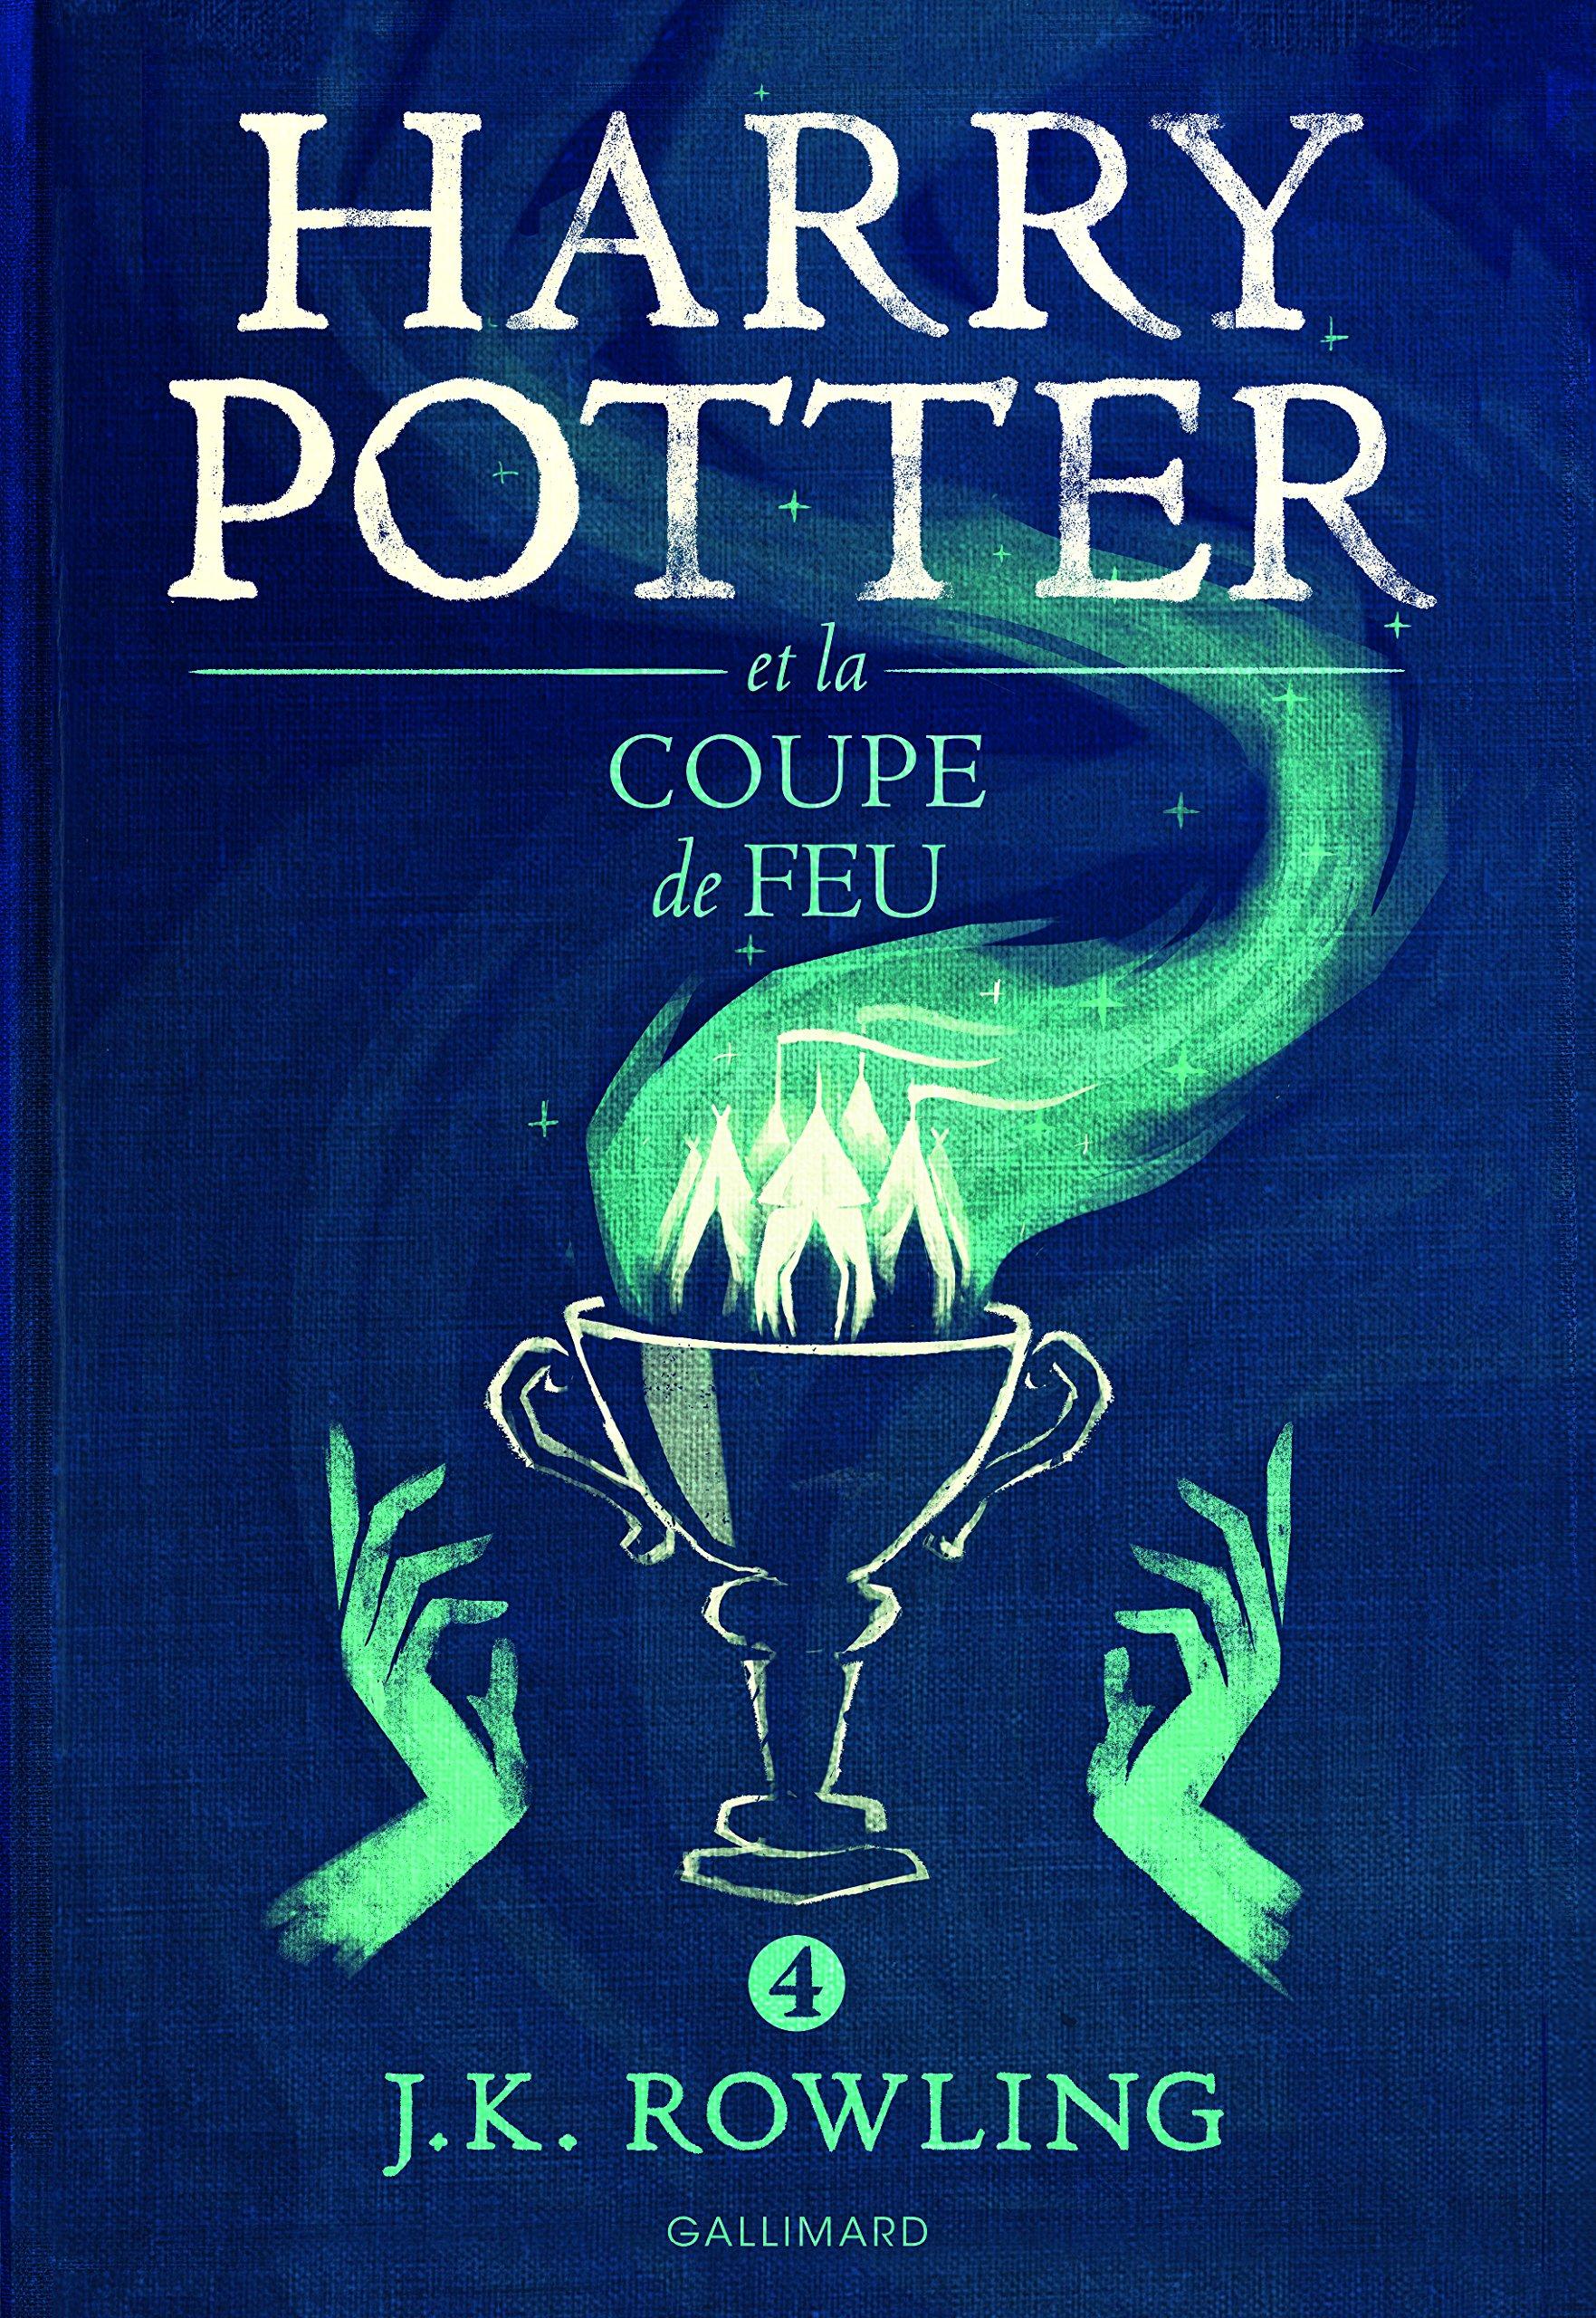 Harry Potter, IV:Harry Potter et la Coupe de Feu Broché – 3 octobre 2016 J. K. Rowling Jean-François Ménard Gallimard Jeunesse 2070624552